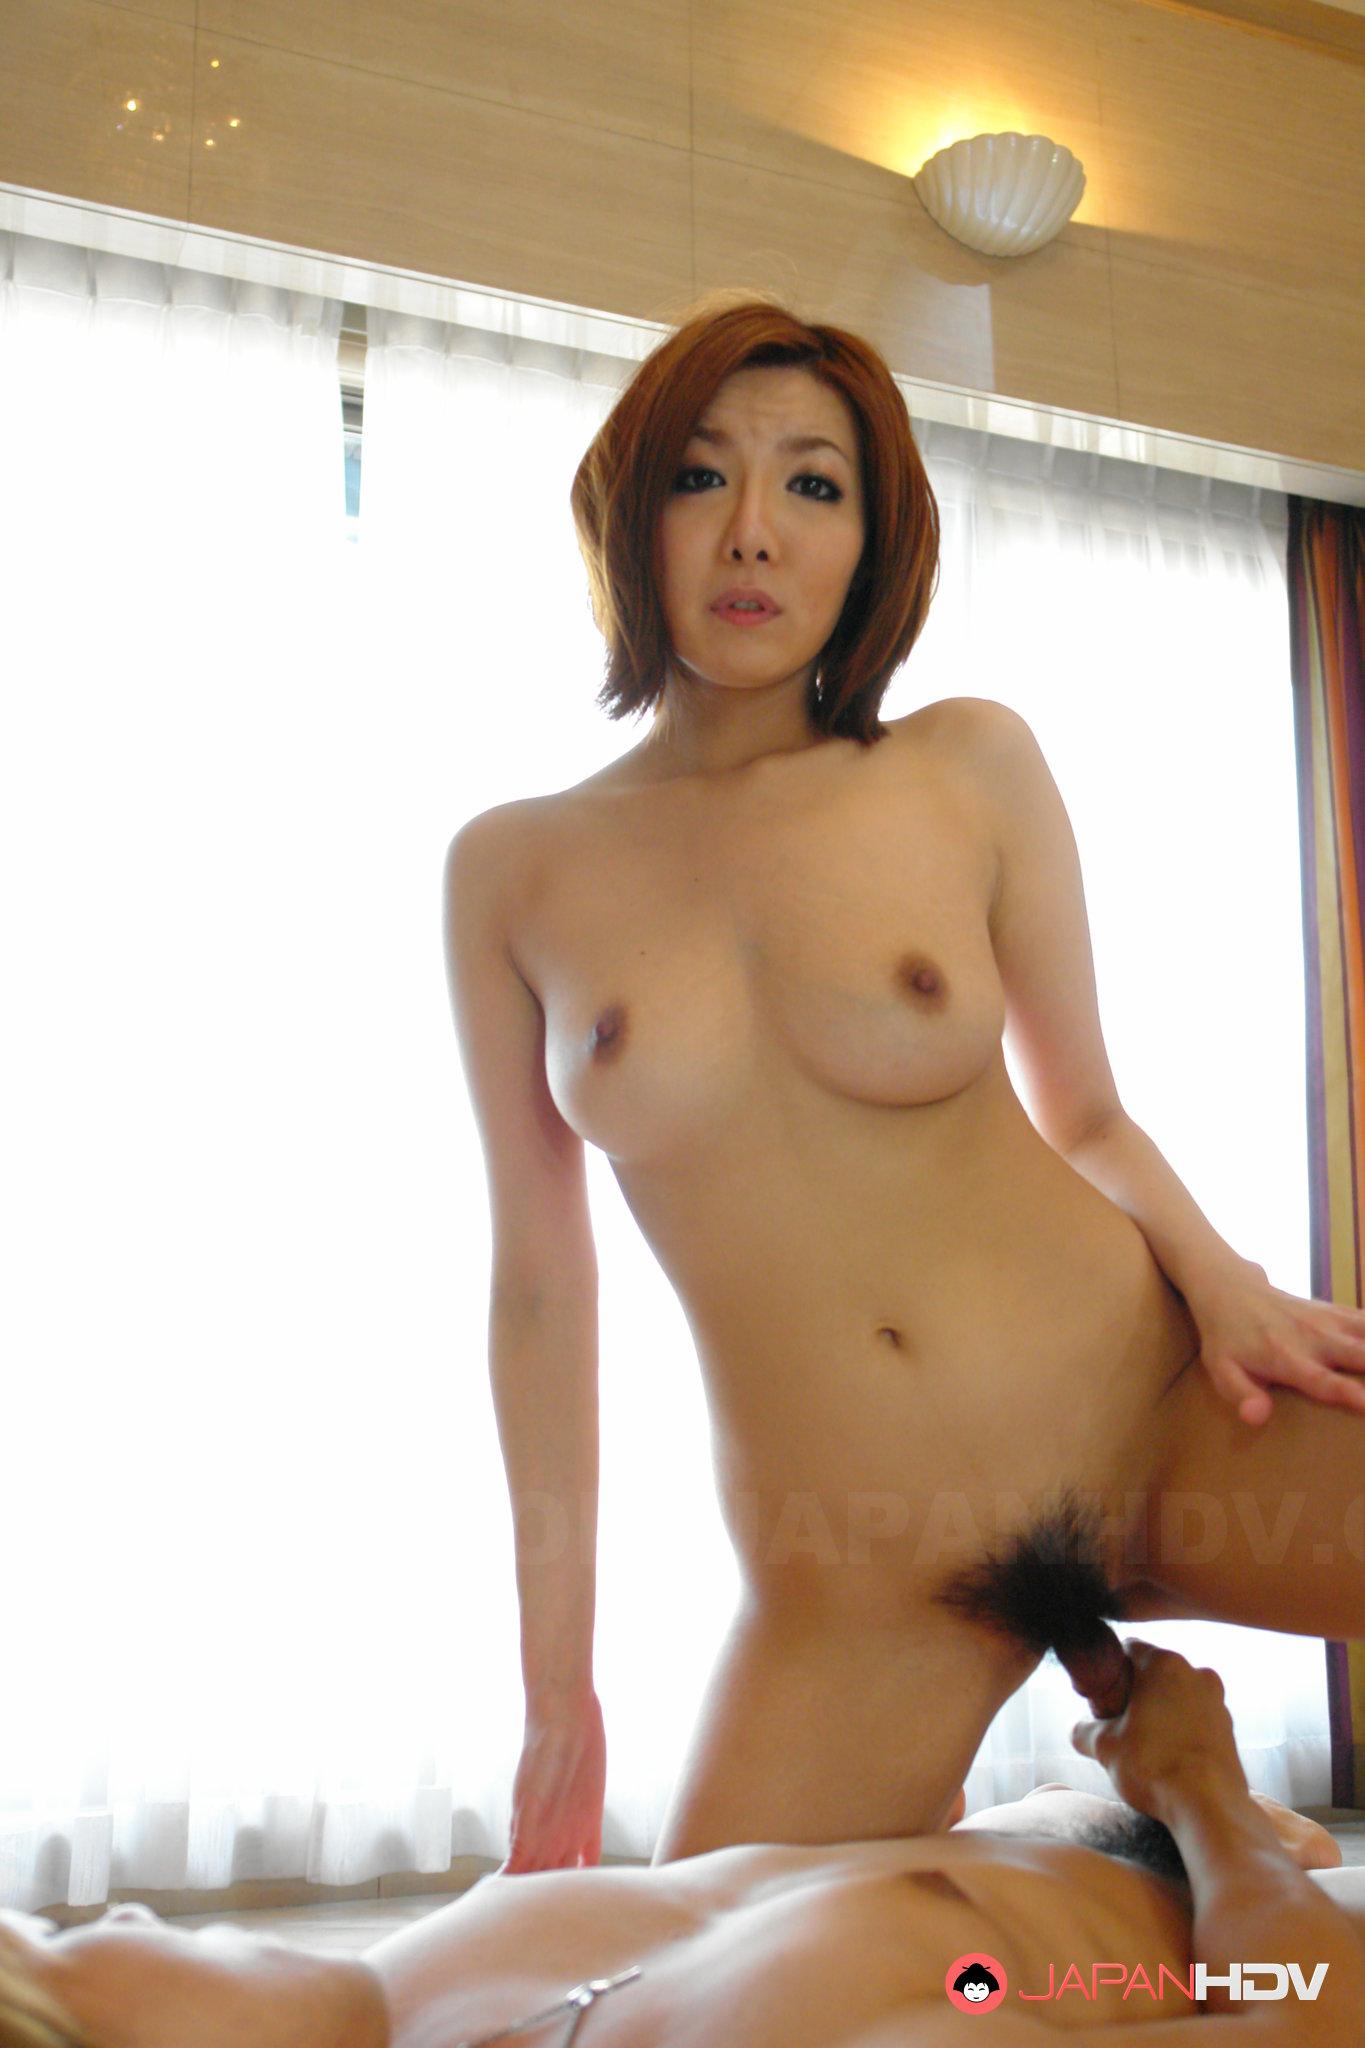 porn japan photo scene